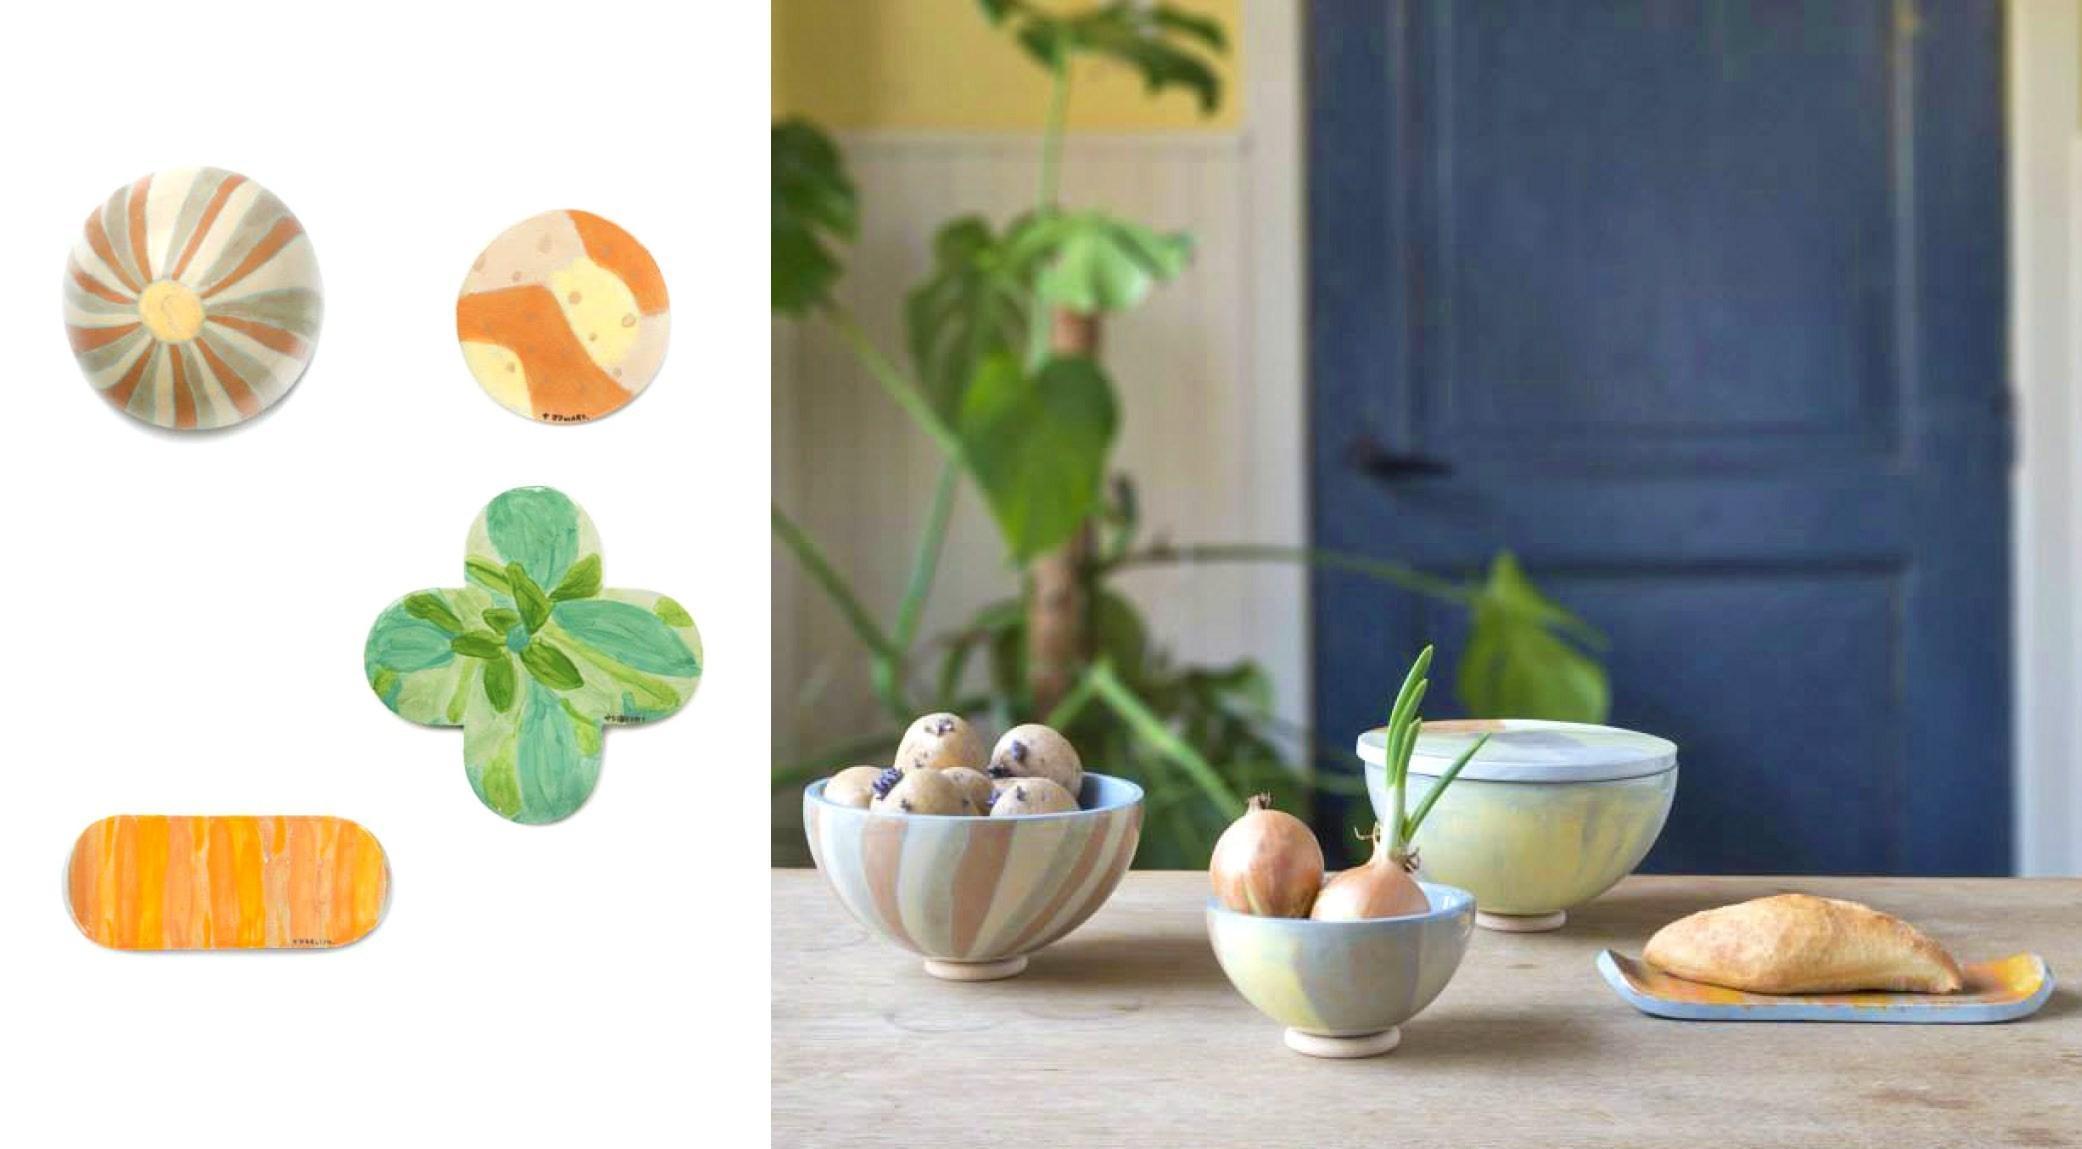 fuorisalone-2014-Kazerne-Lab-ceramiche